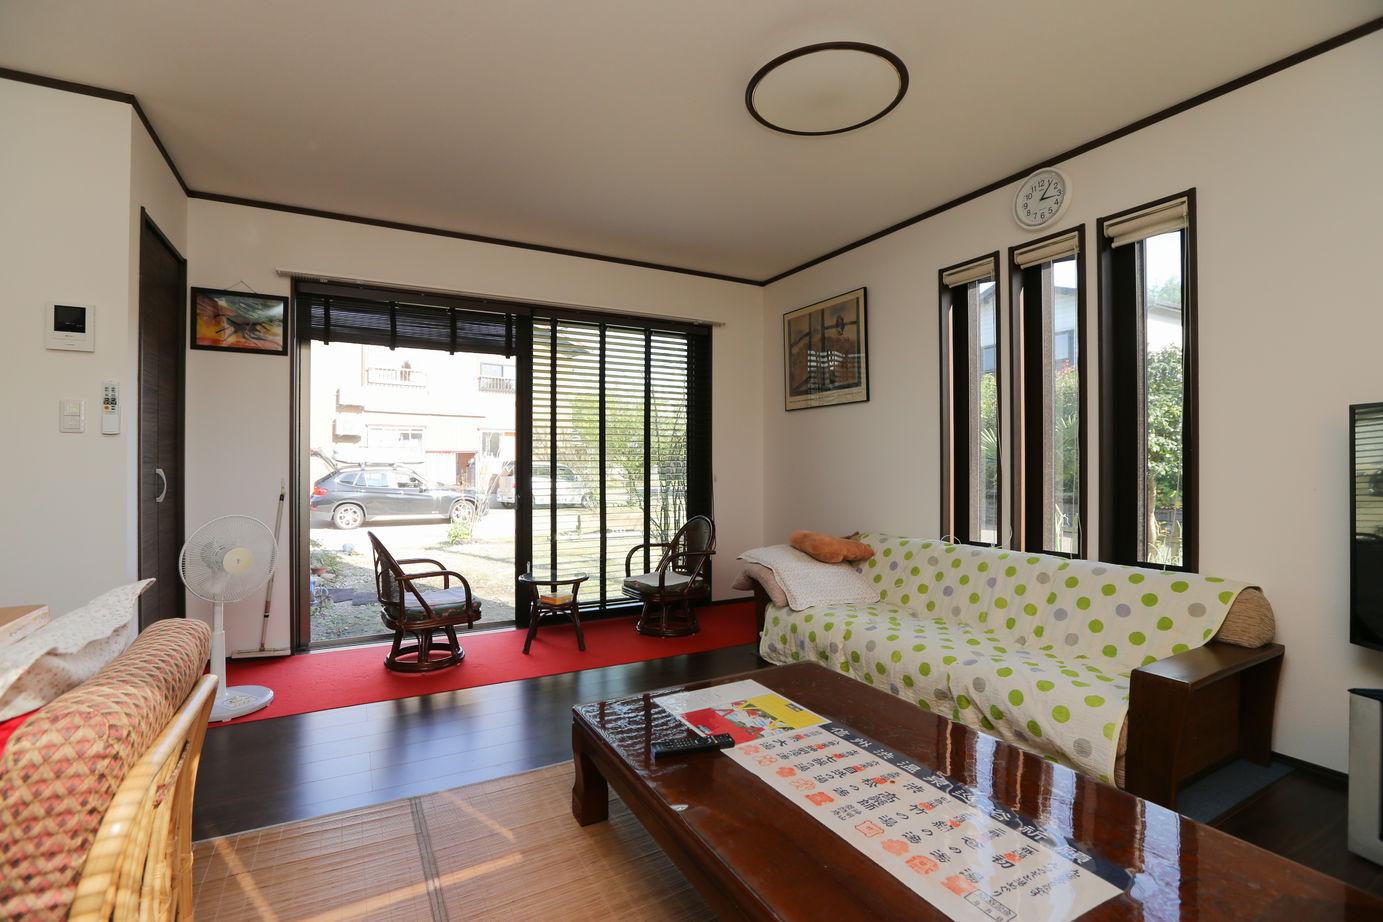 純和風デザインの住宅に建て替え!旅館イメージのお部屋に設計画像1